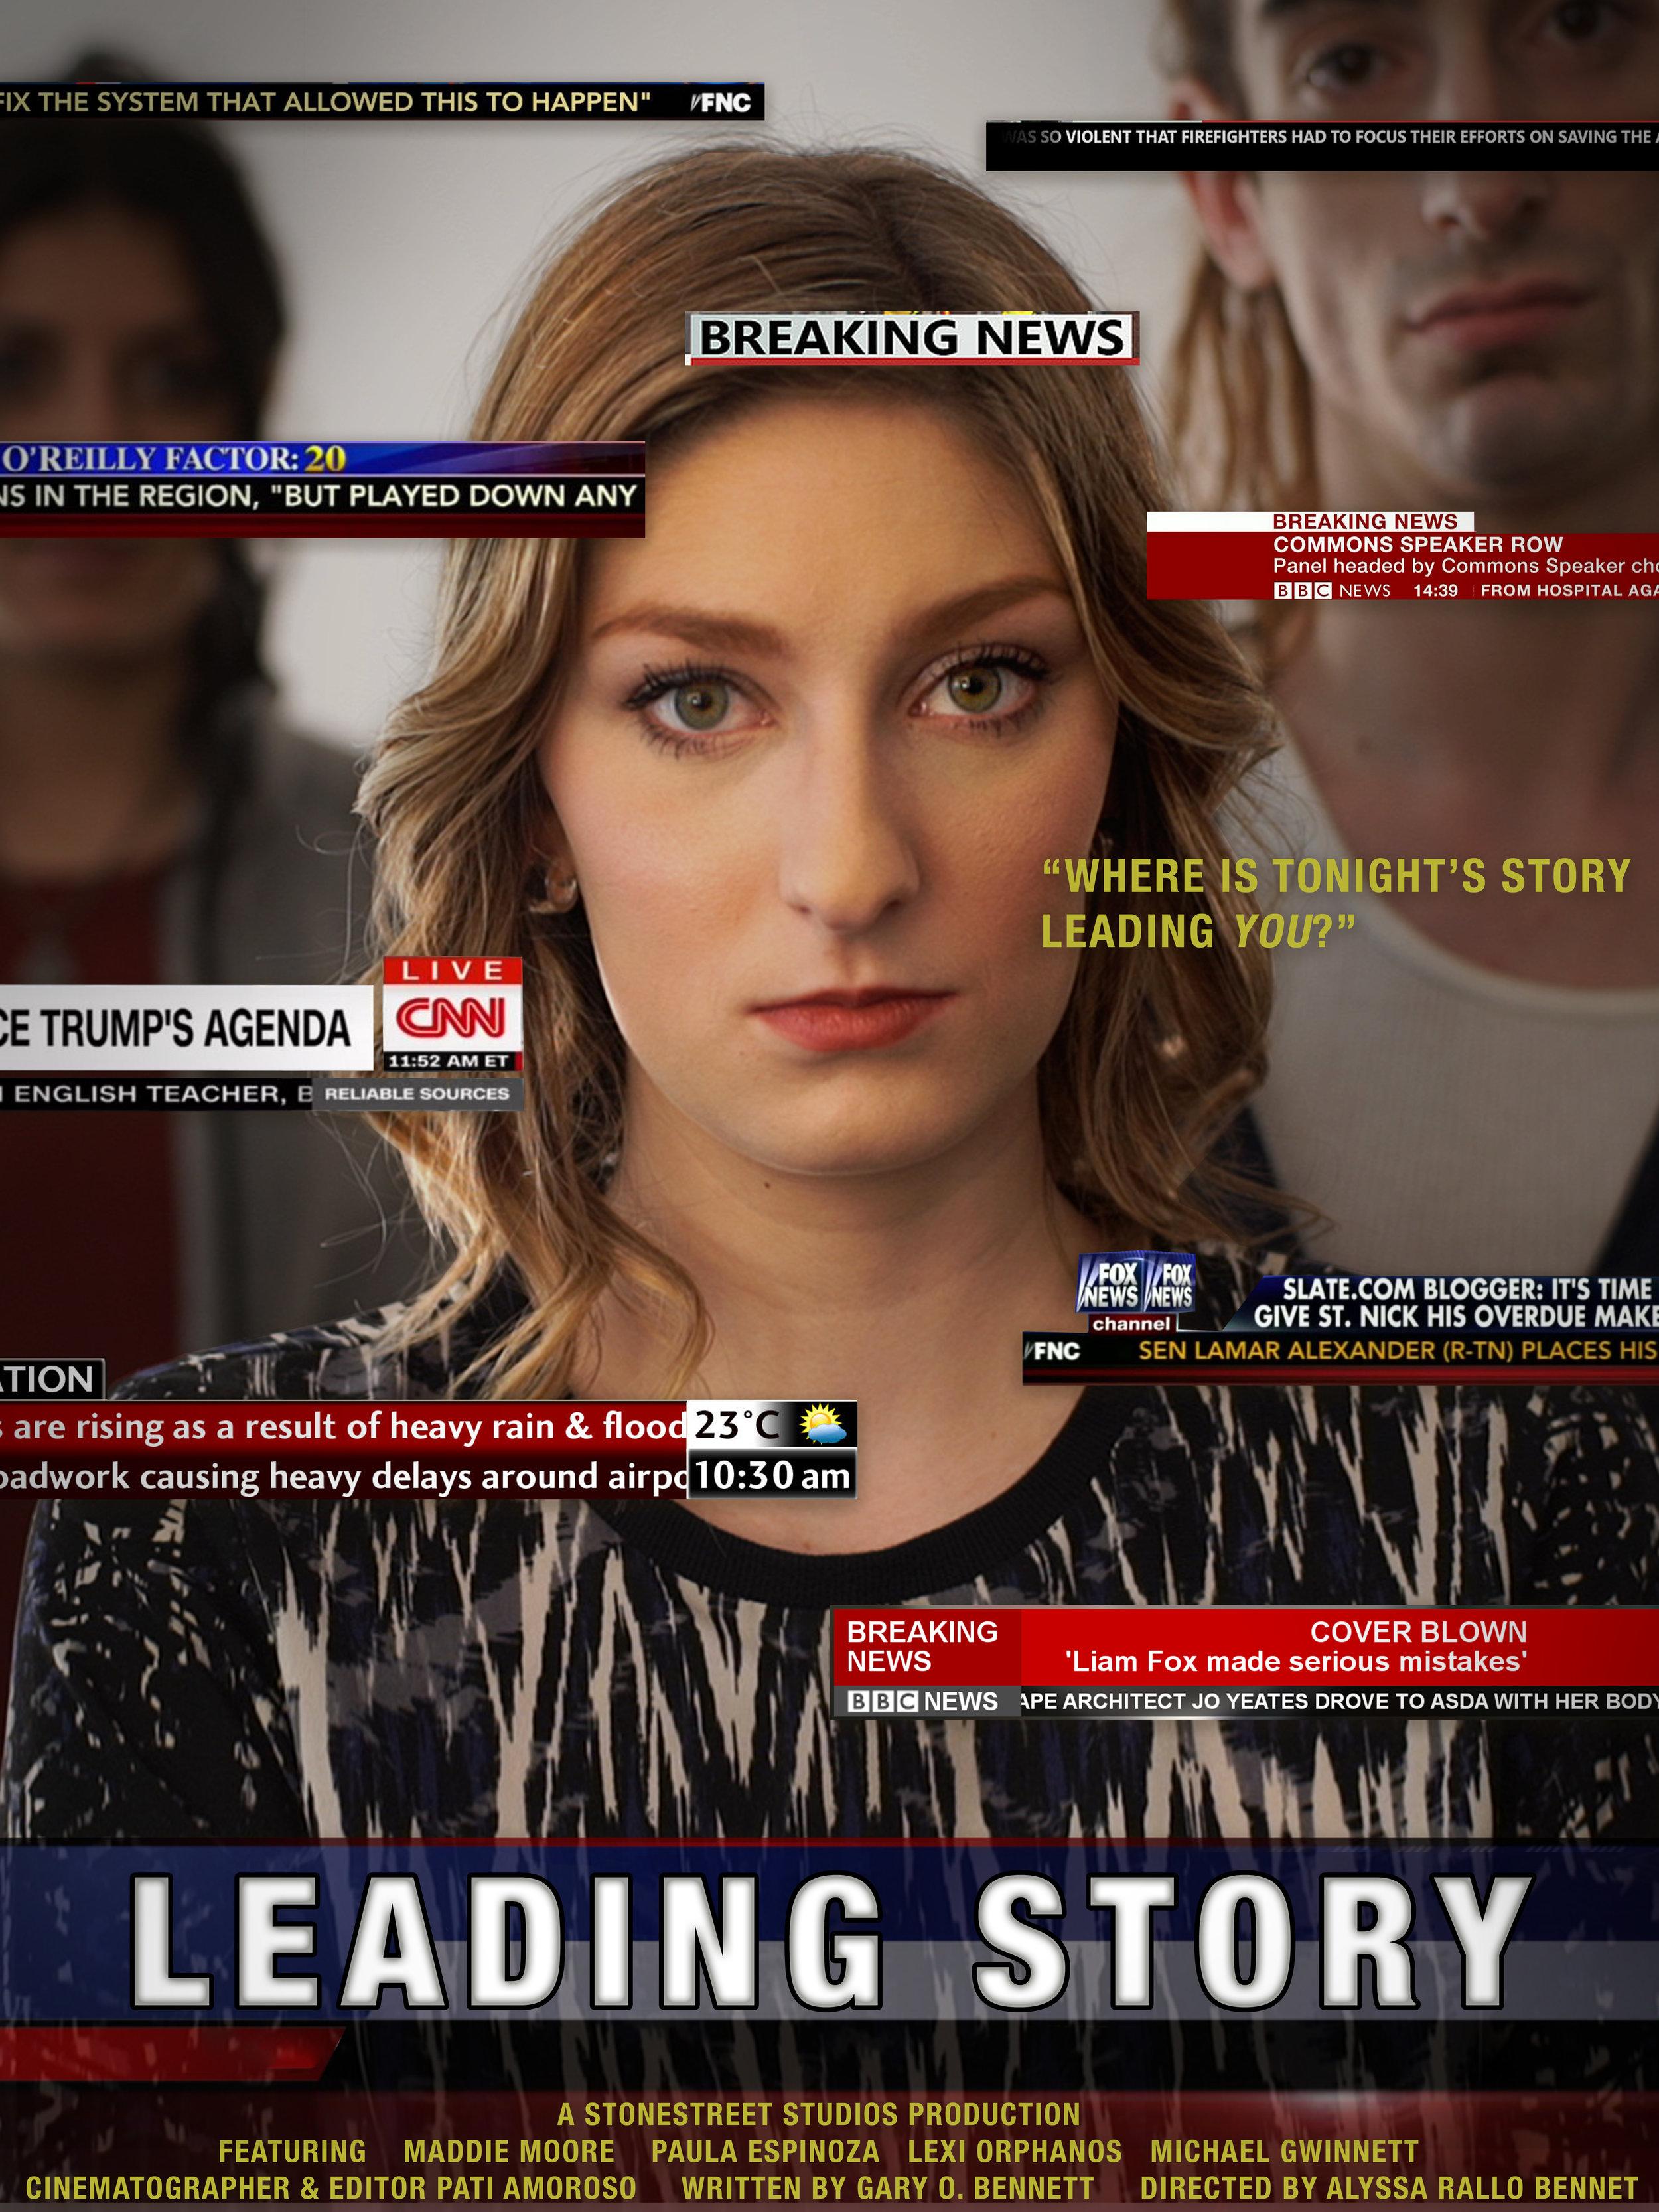 leading story poster.jpg